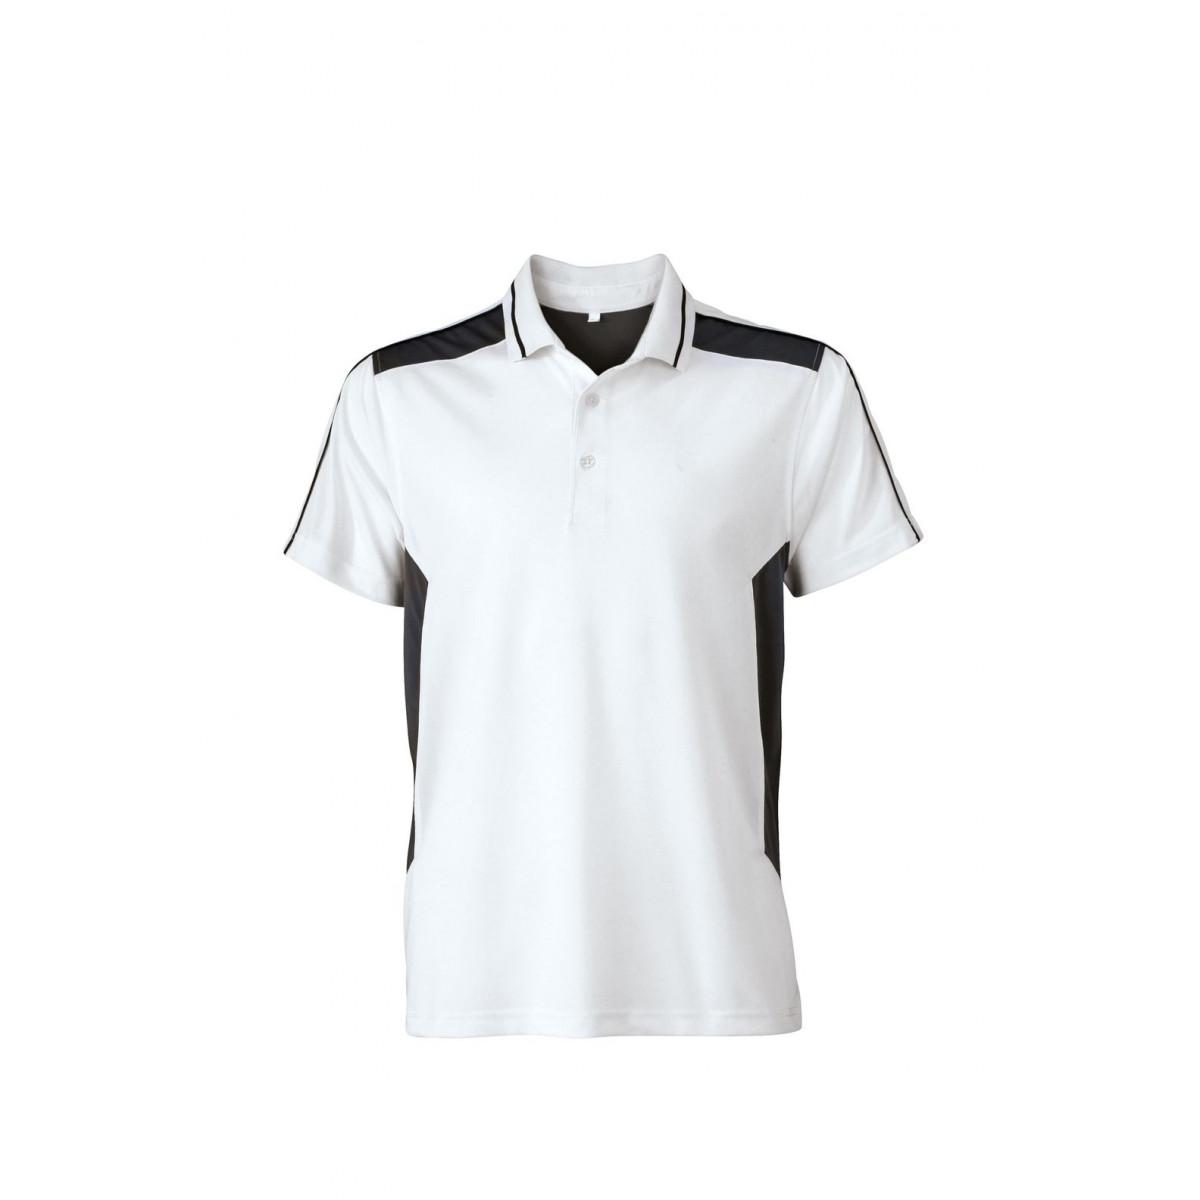 Рубашка поло мужская JN828 Craftsmen Poloshirt - Белый/Темно-серый